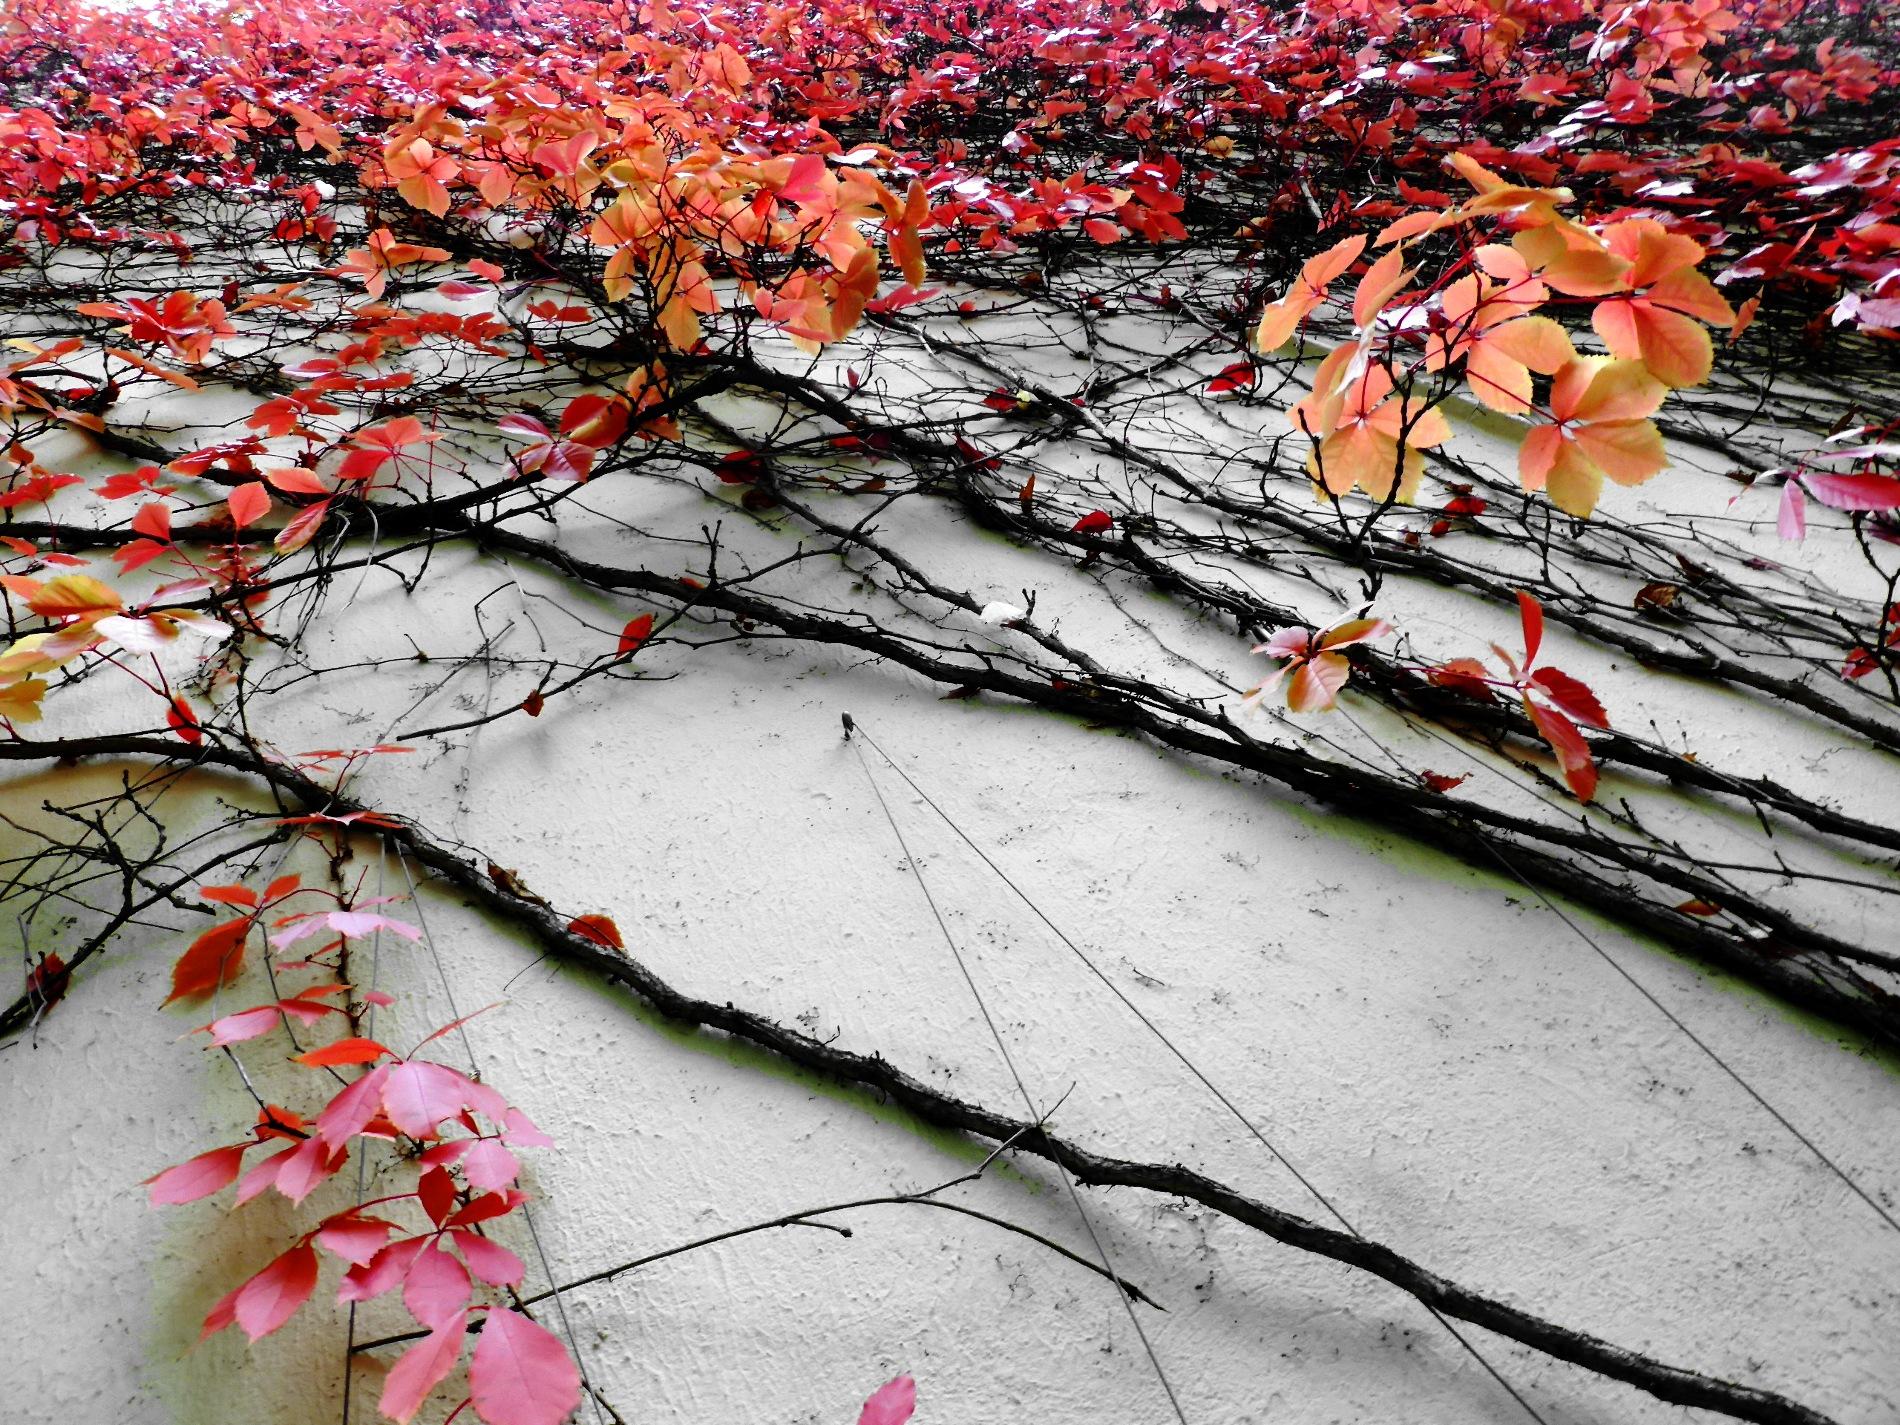 Autumn by Gernot Schwarz